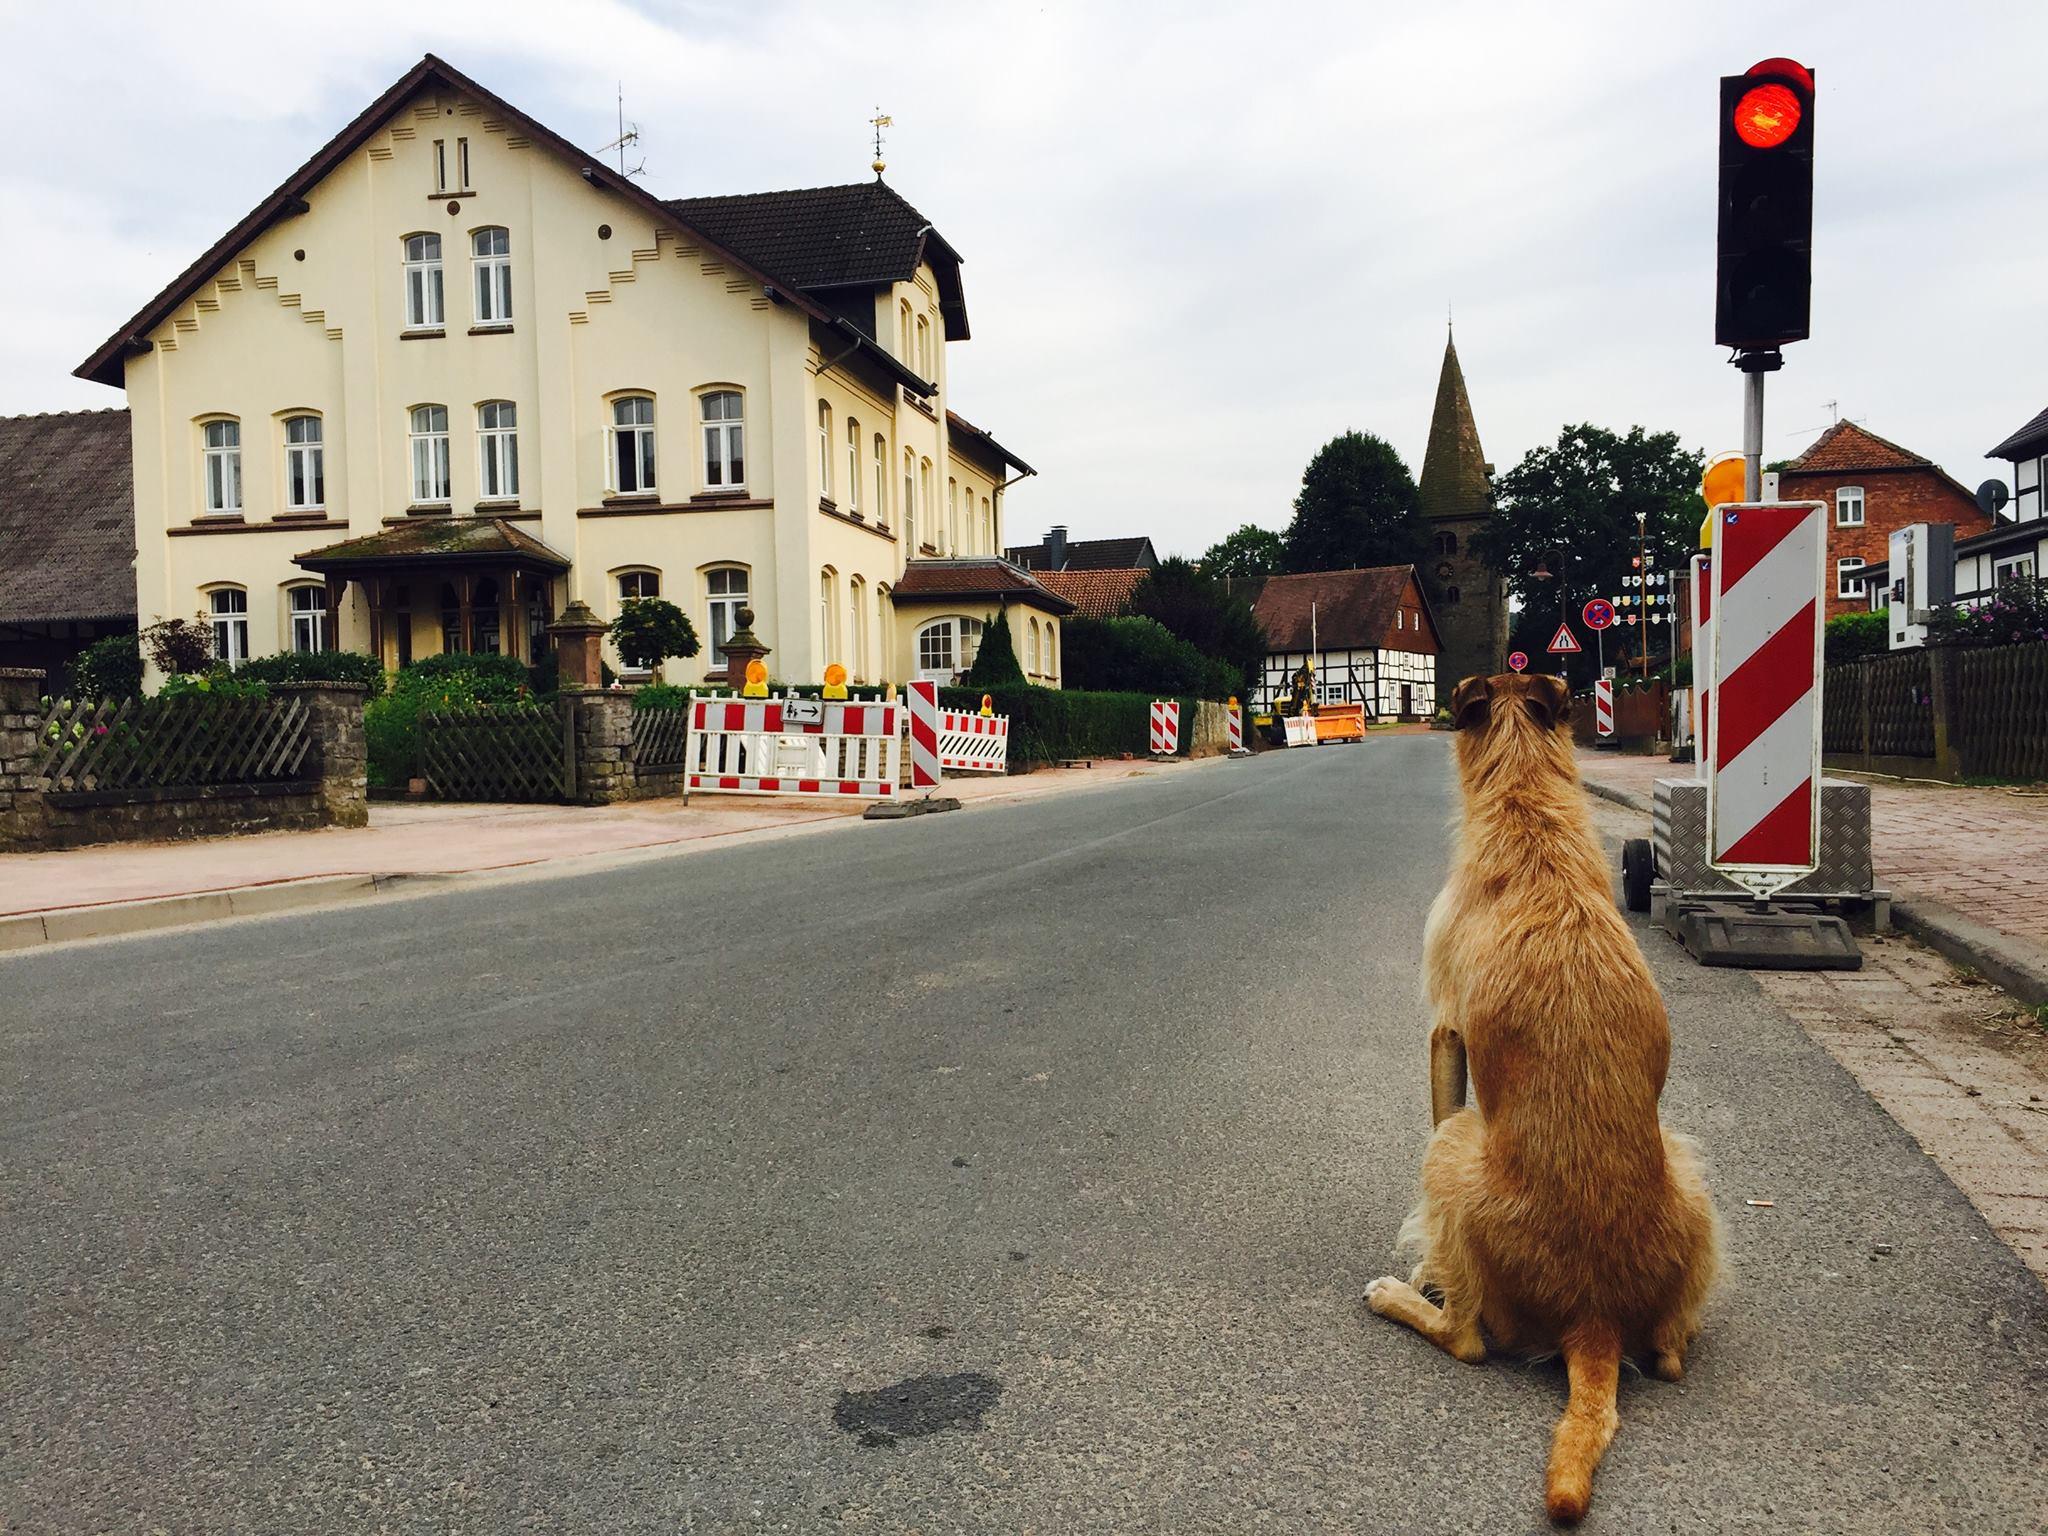 Fahrradtour mit Hund Erfahrungsbericht